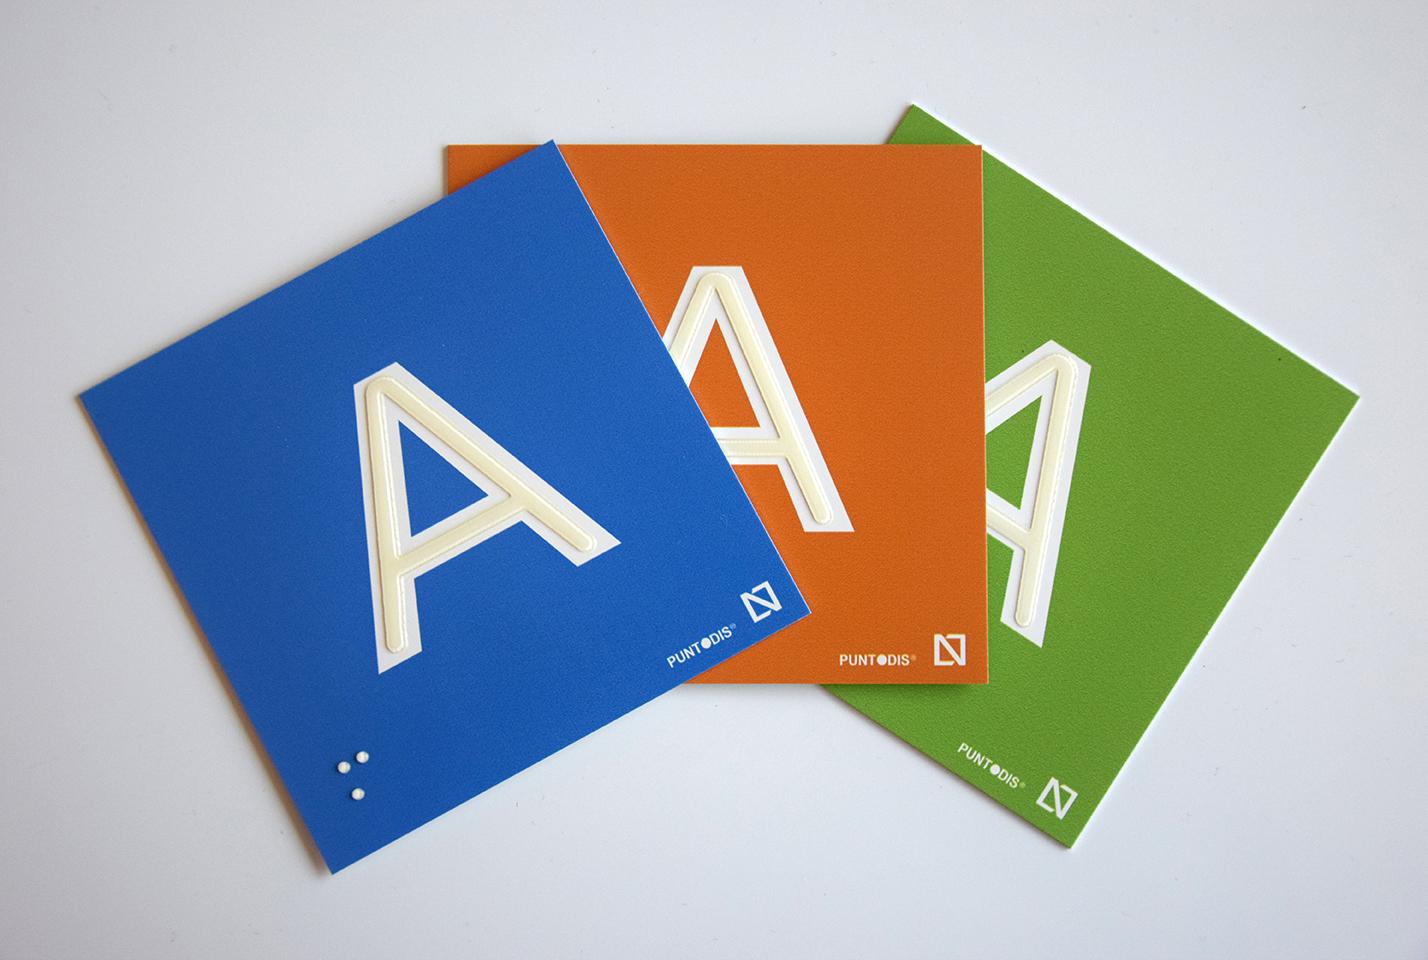 placas letras colores braille